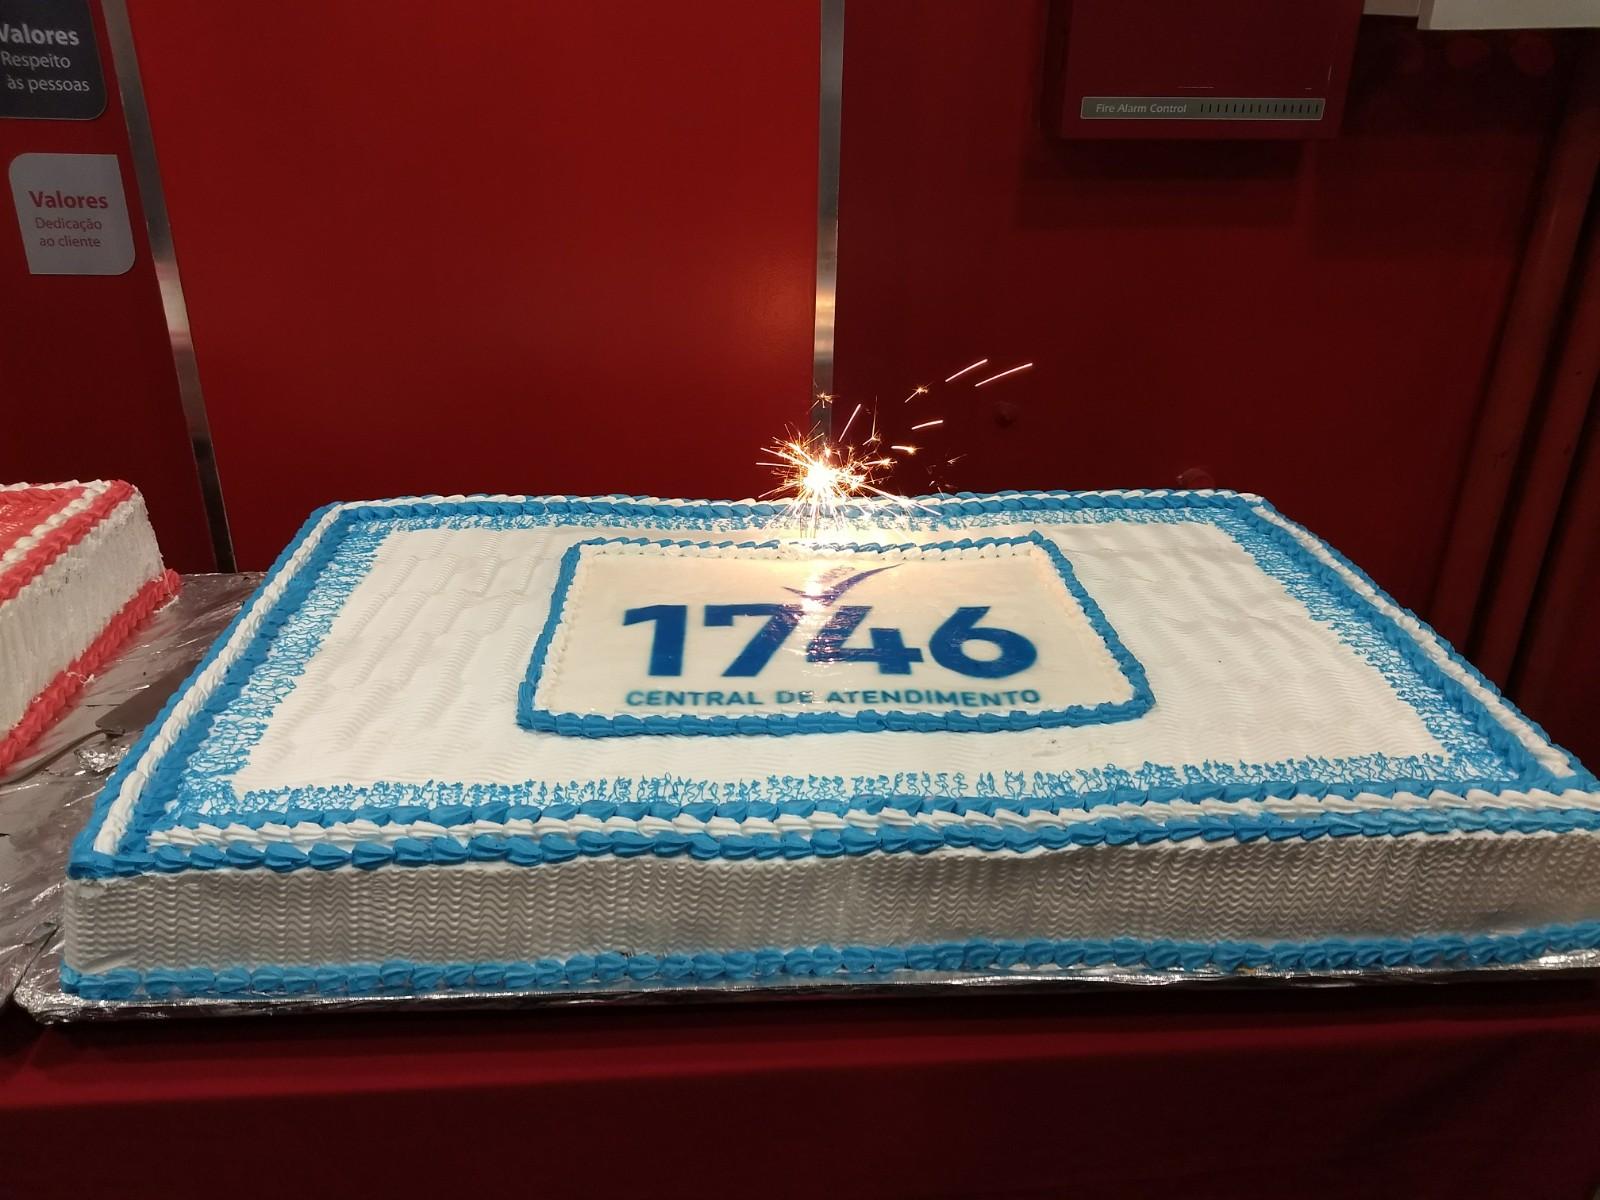 Central 1746 comemora sete anos de atendimento ao cidadão